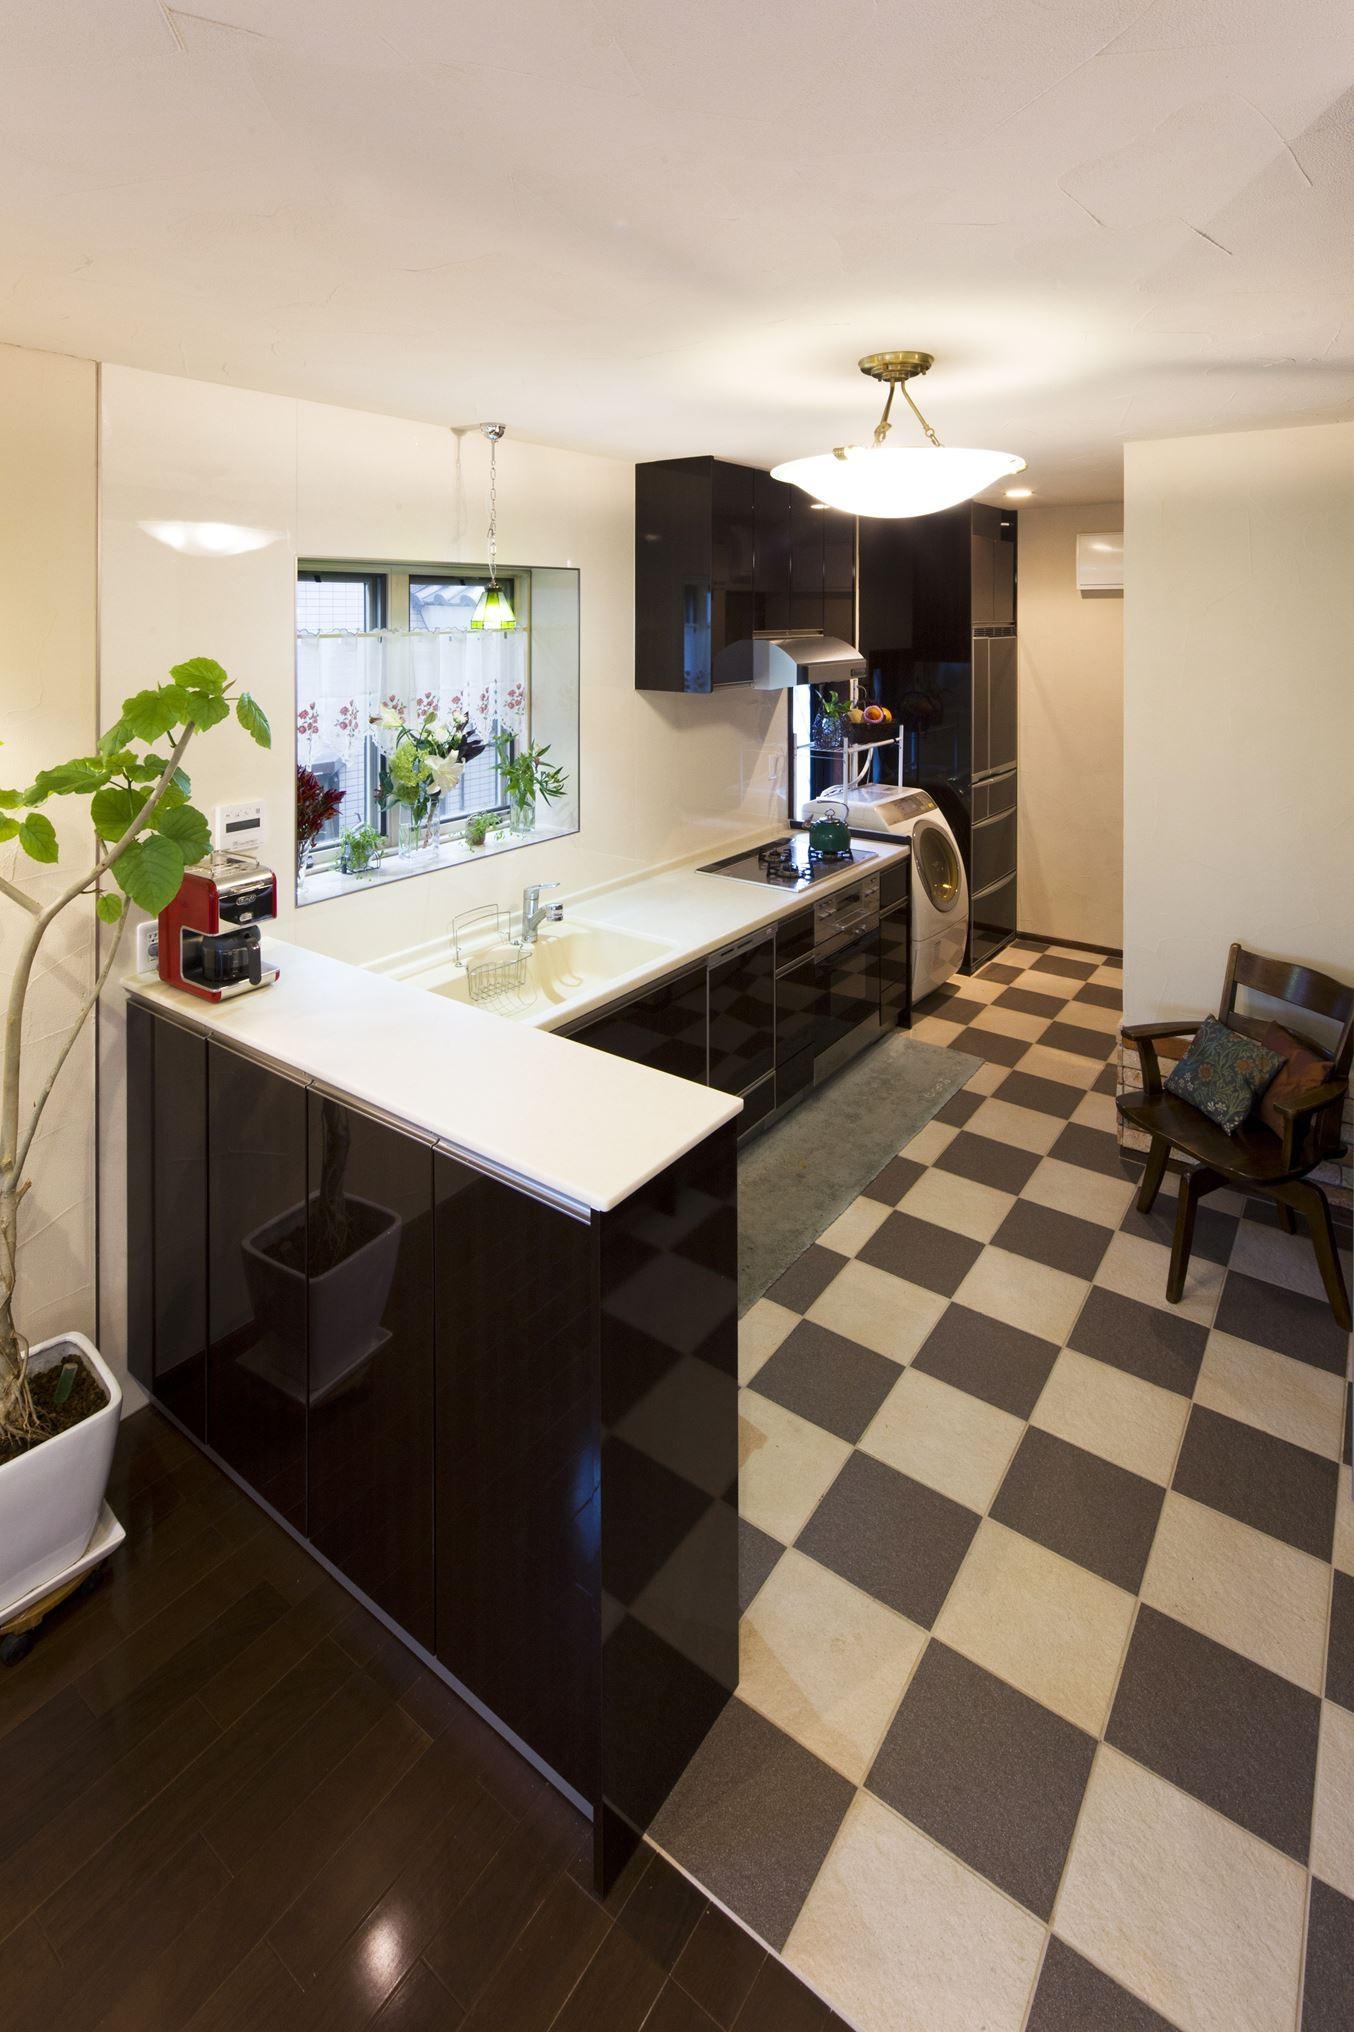 キッチン事例:キッチン(長年抱えていた不満をすべて解消したリノベーション)